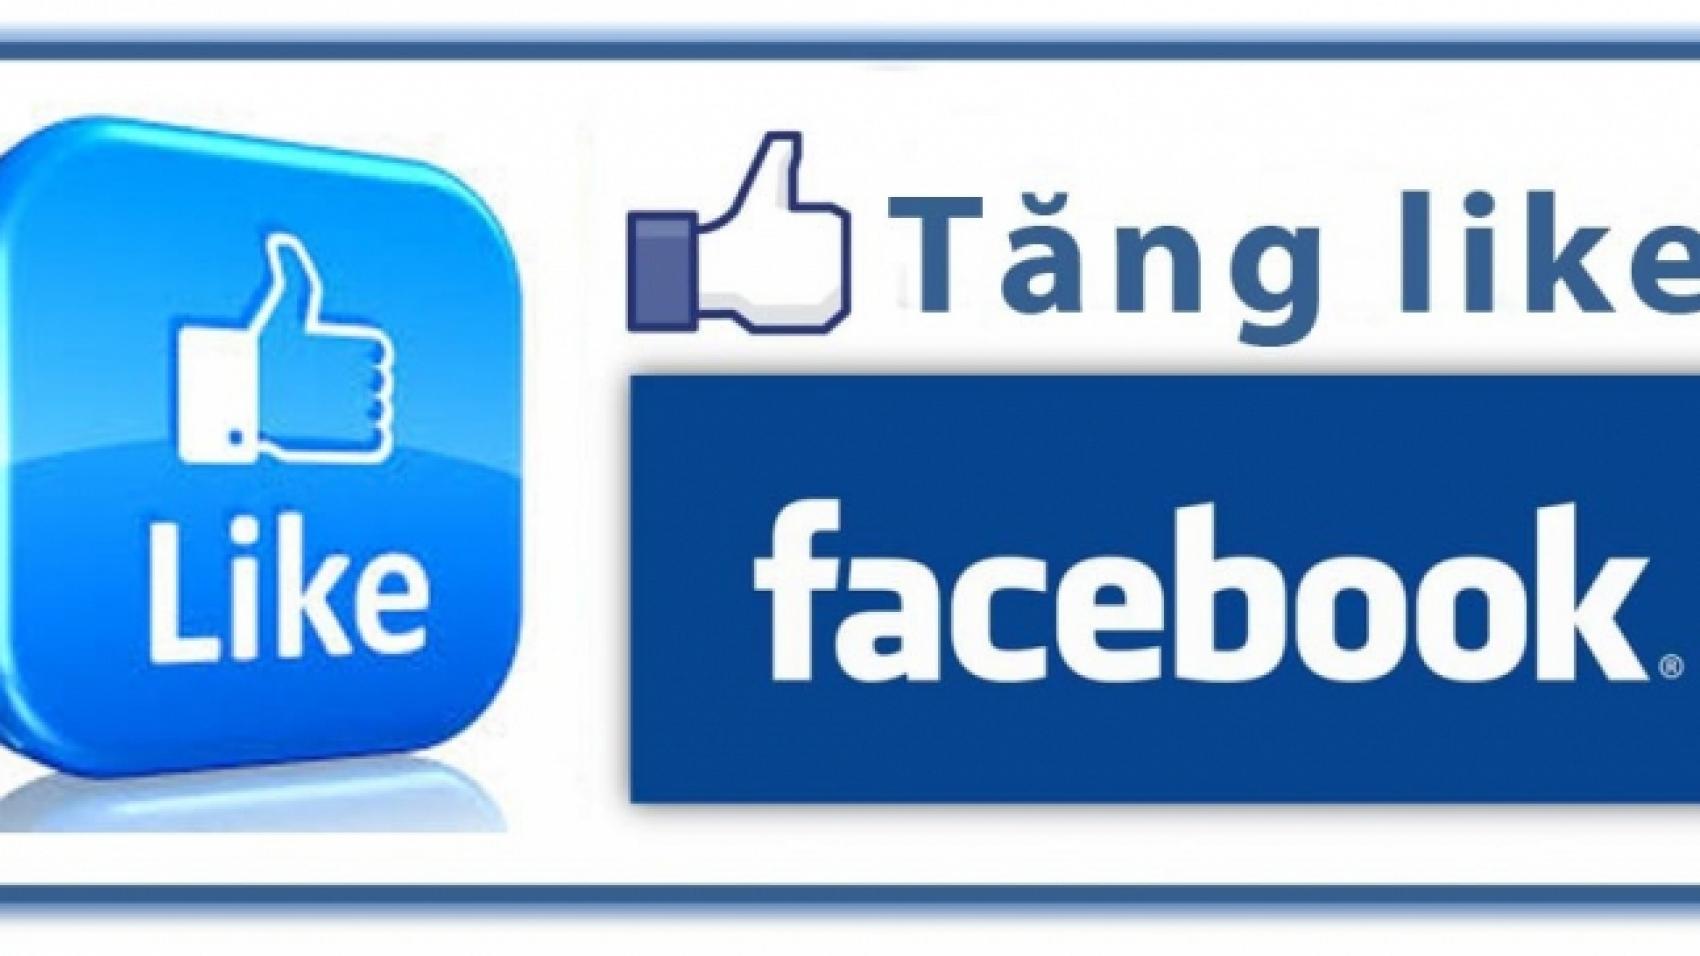 Làm thế nào để sử dụng dịch vụ tăng like facebook?